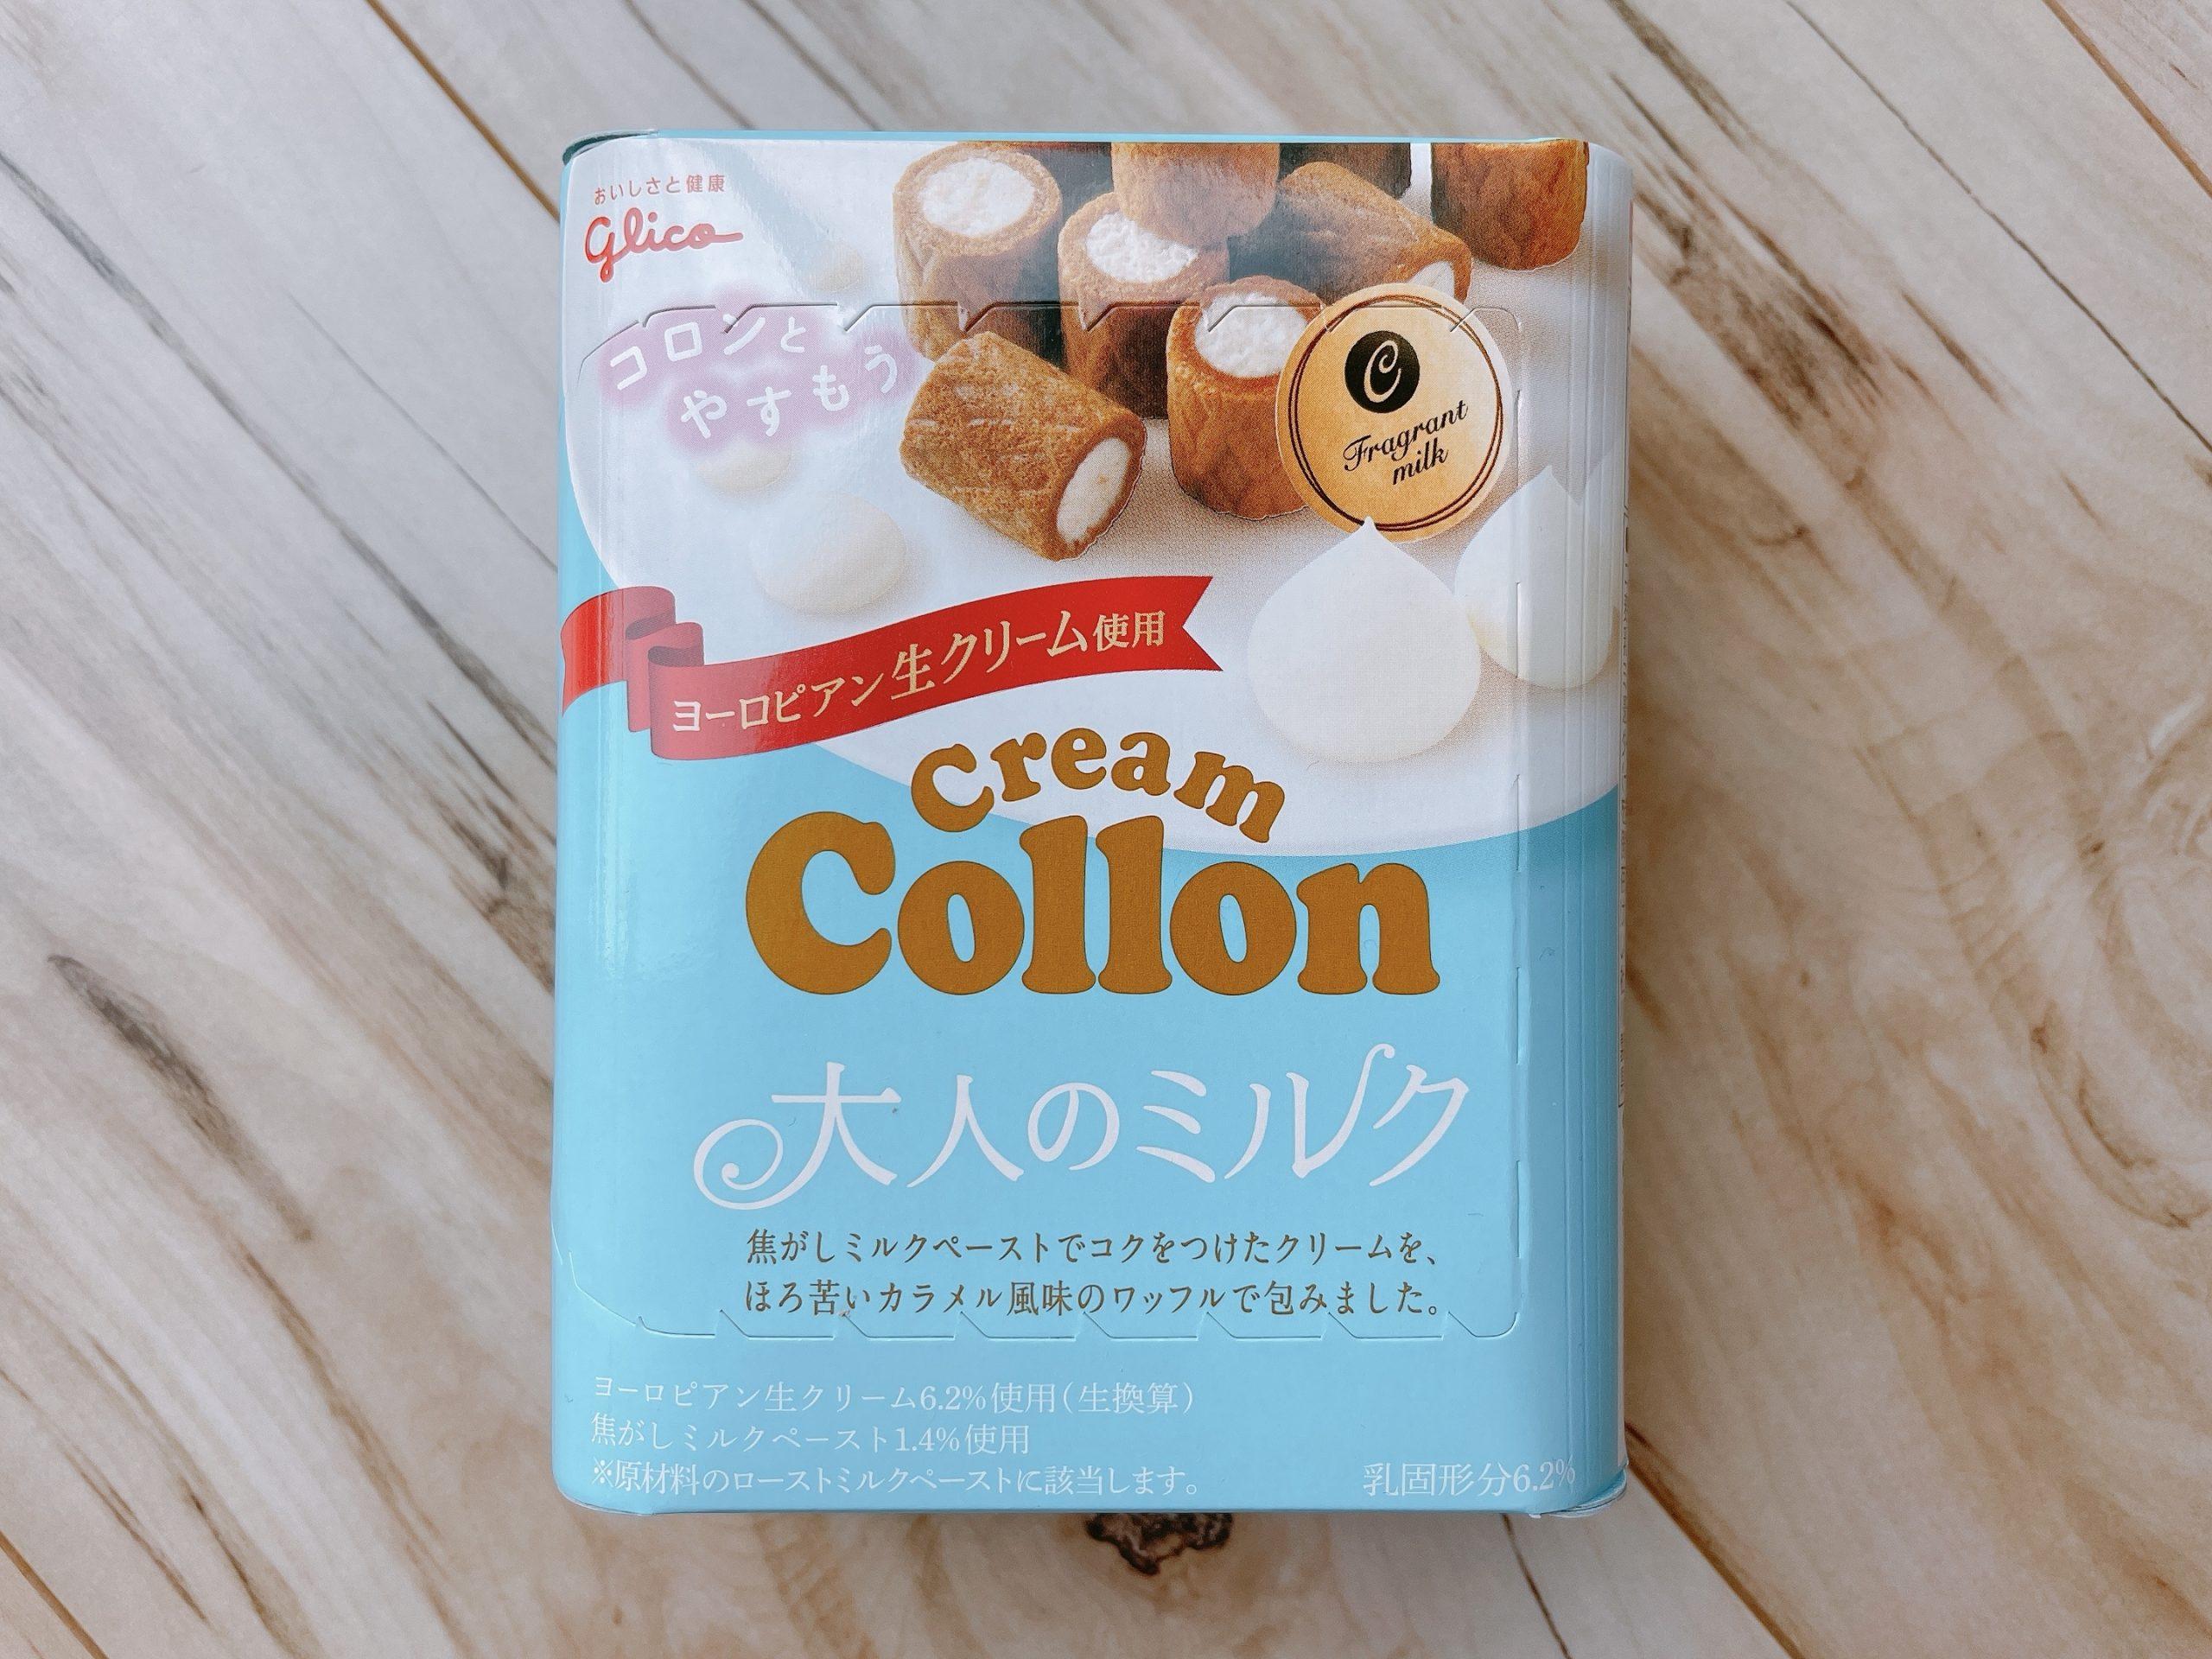 クリームコロン<大人のミルク>のパッケージ